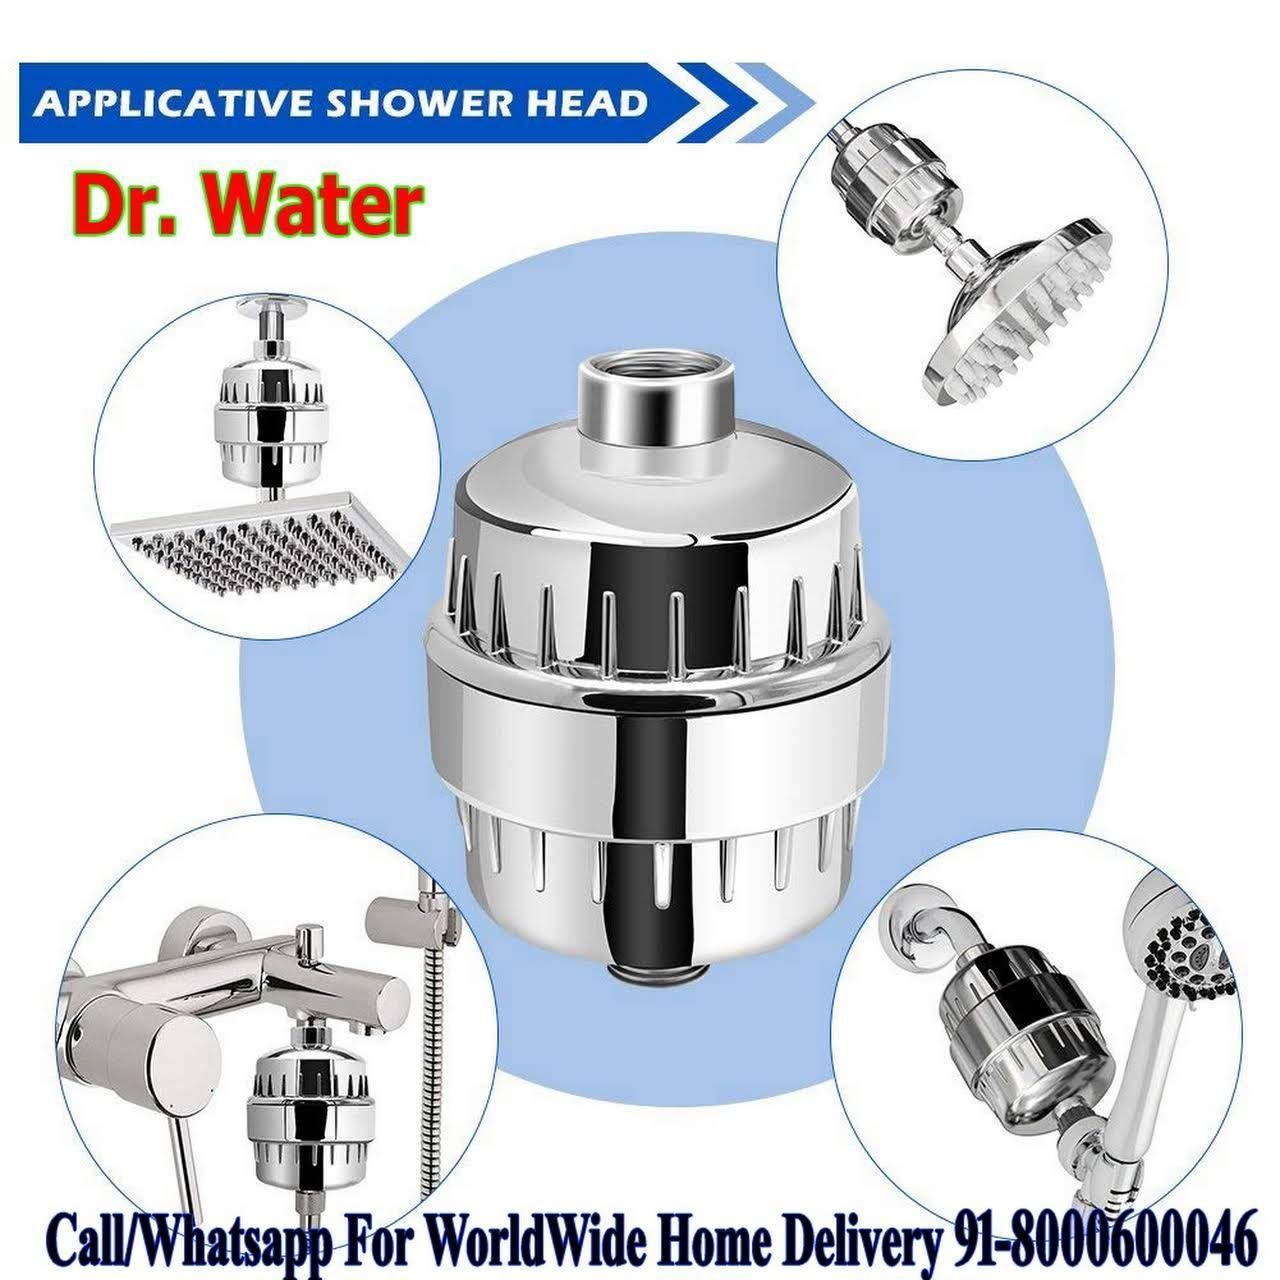 Pin by Dr.WaterShowerFilter on Dr.WaterShowerFiler